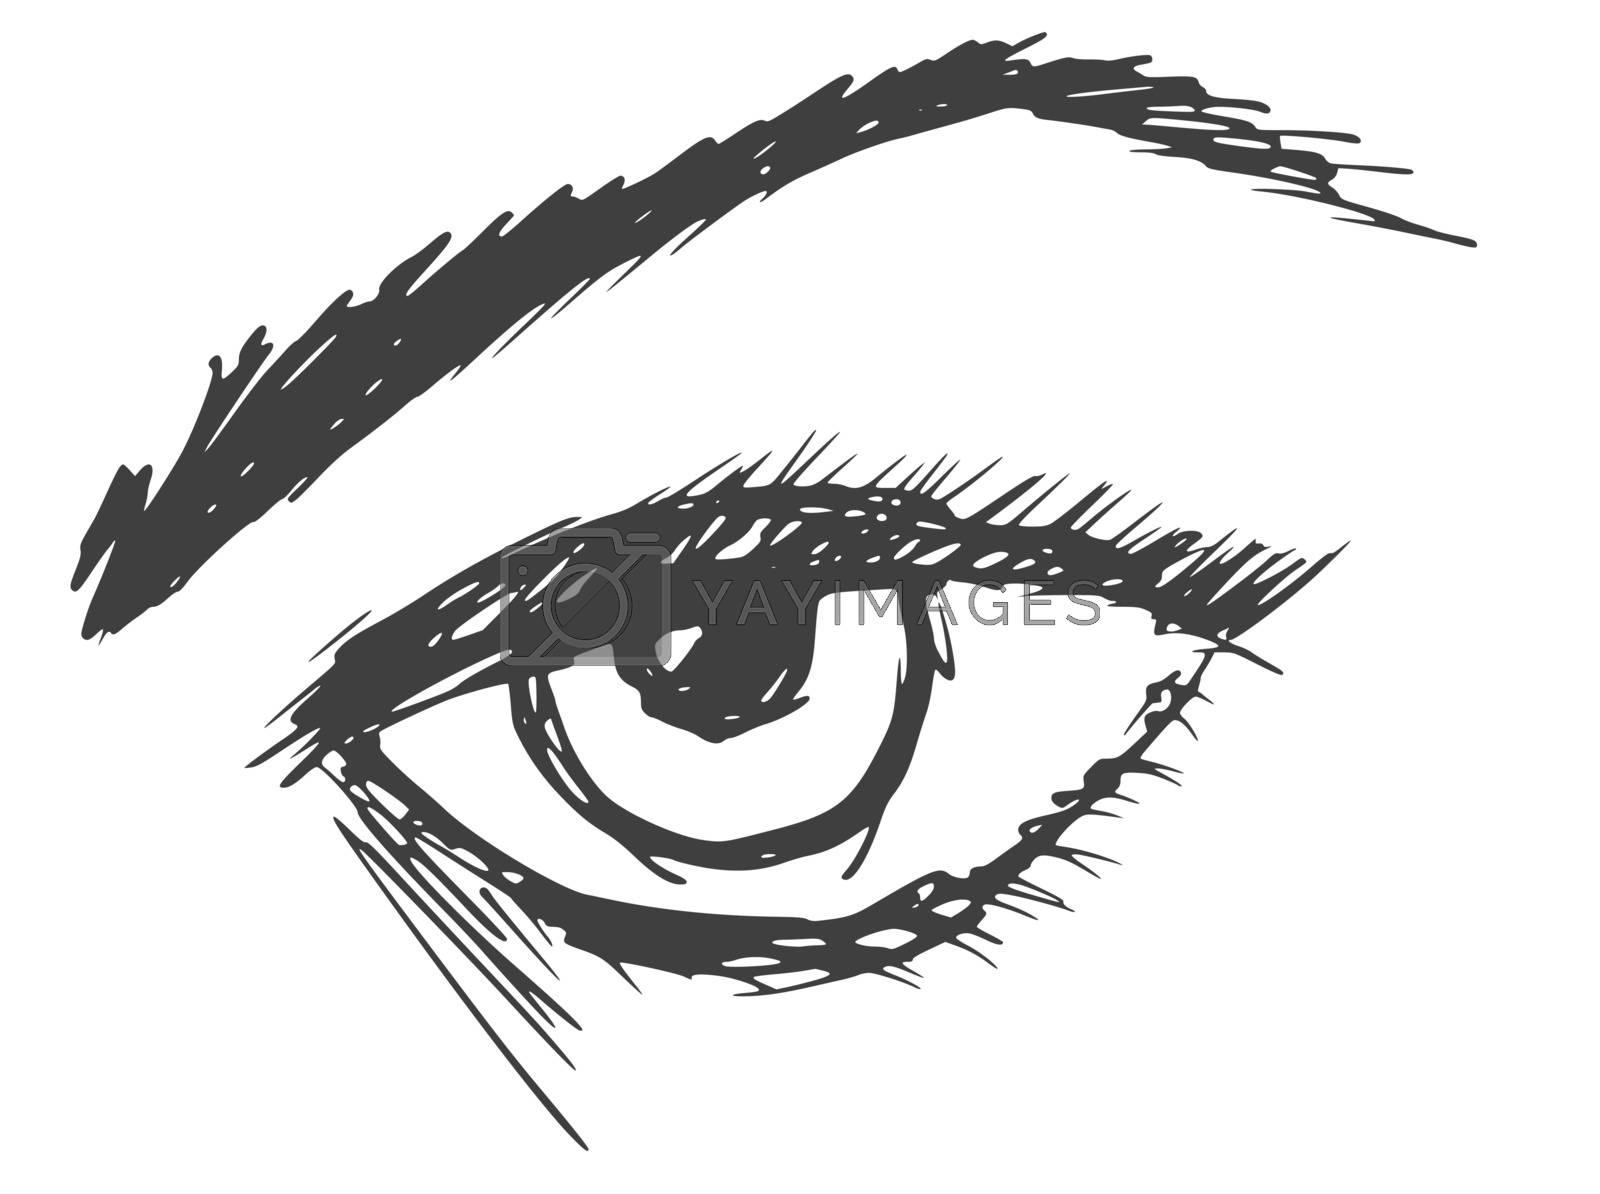 hand drawn, cartoon, sketch illustration of an eye